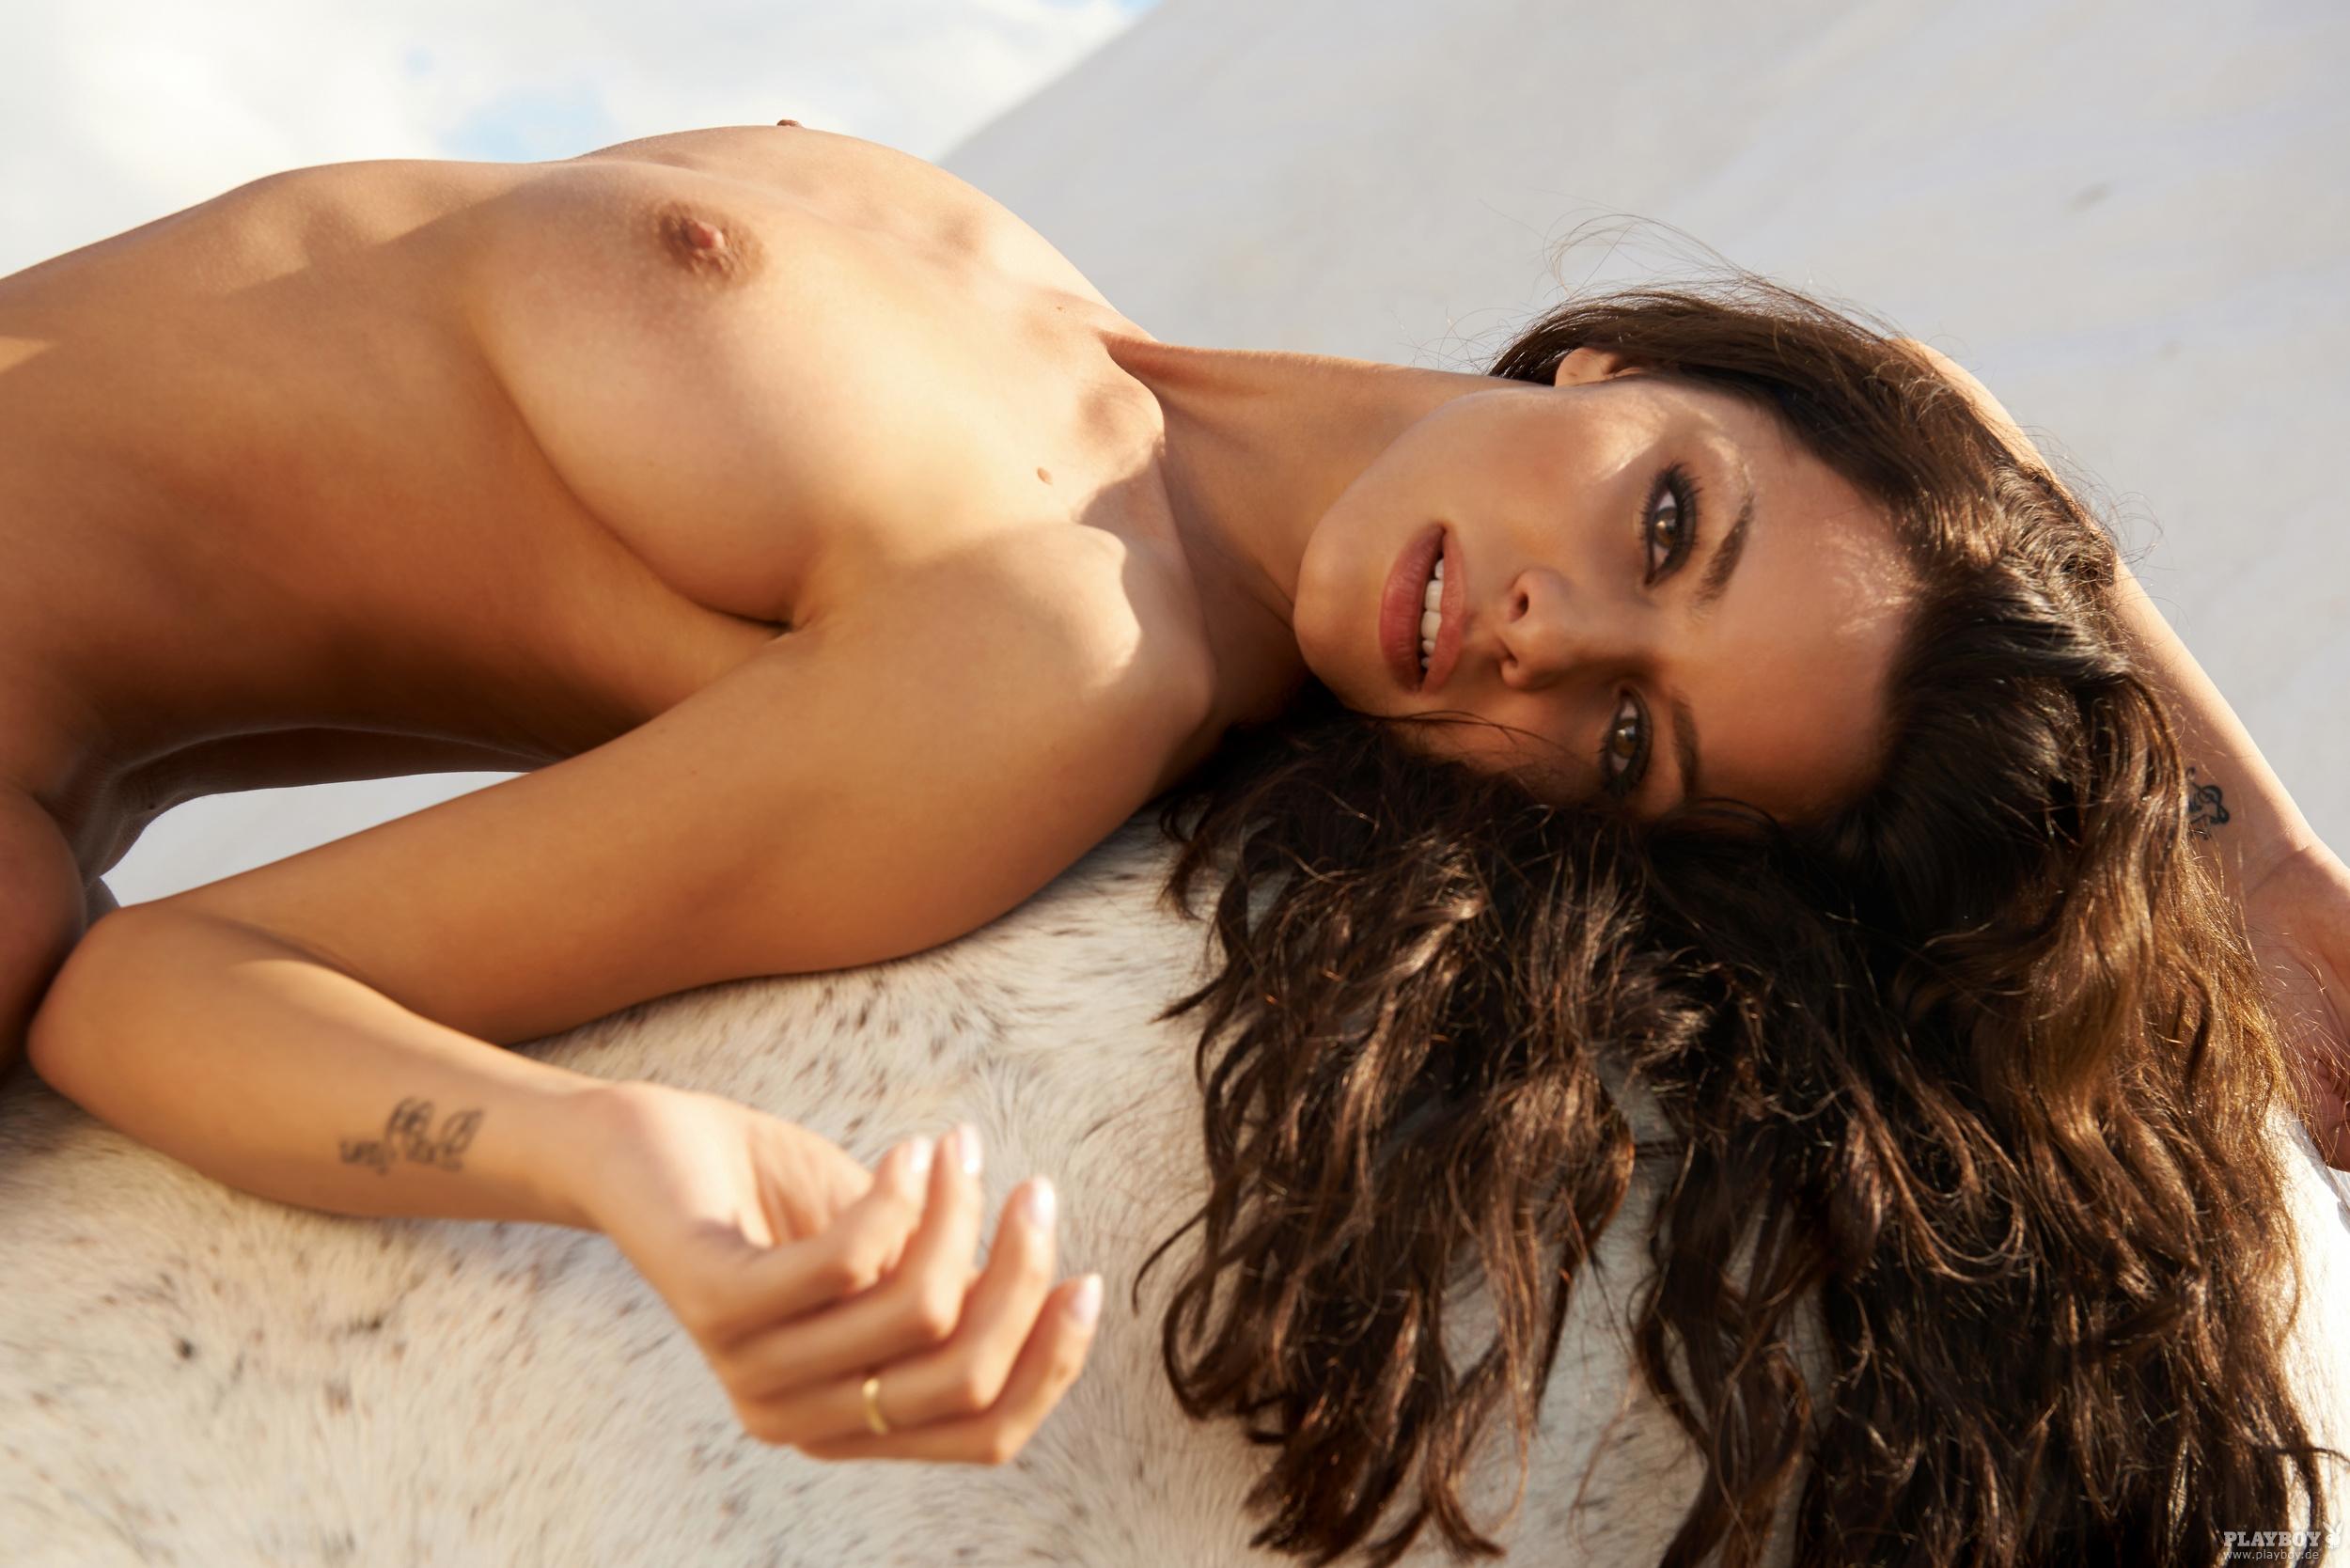 iris-shala-naked-playboy-31